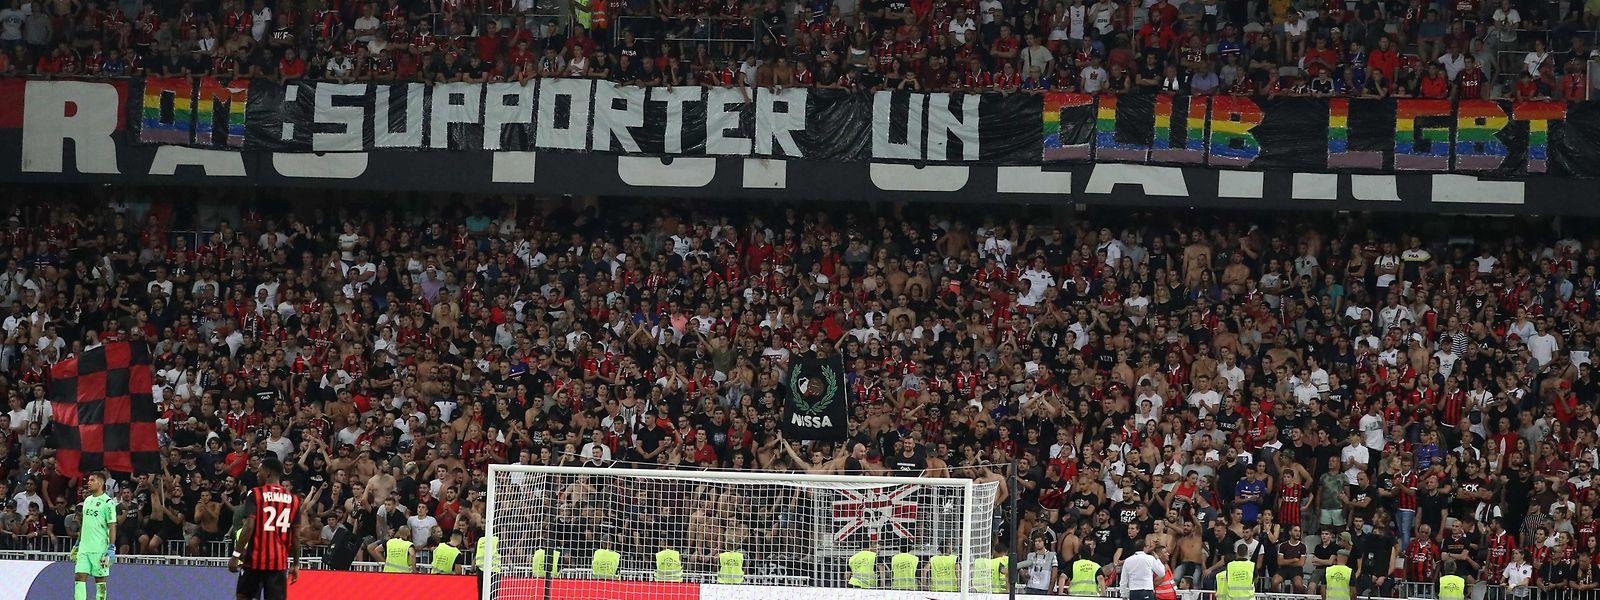 La Brigade Sud de Nice a déployé plusieurs banderoles homophobes lors du match contre Marseille, mercredi